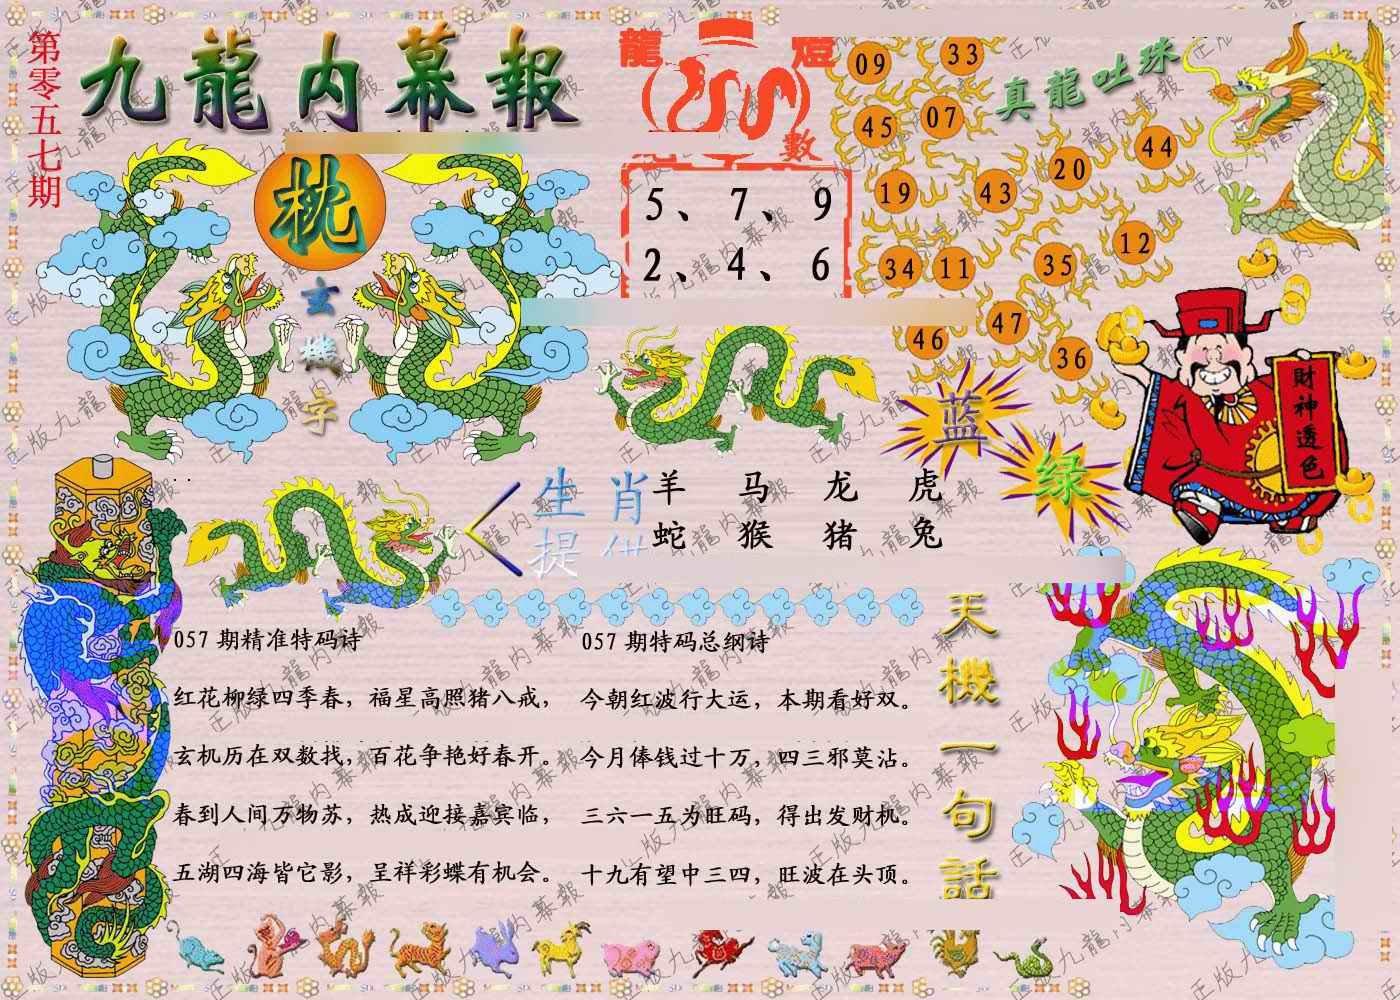 057期正版九龙内幕报